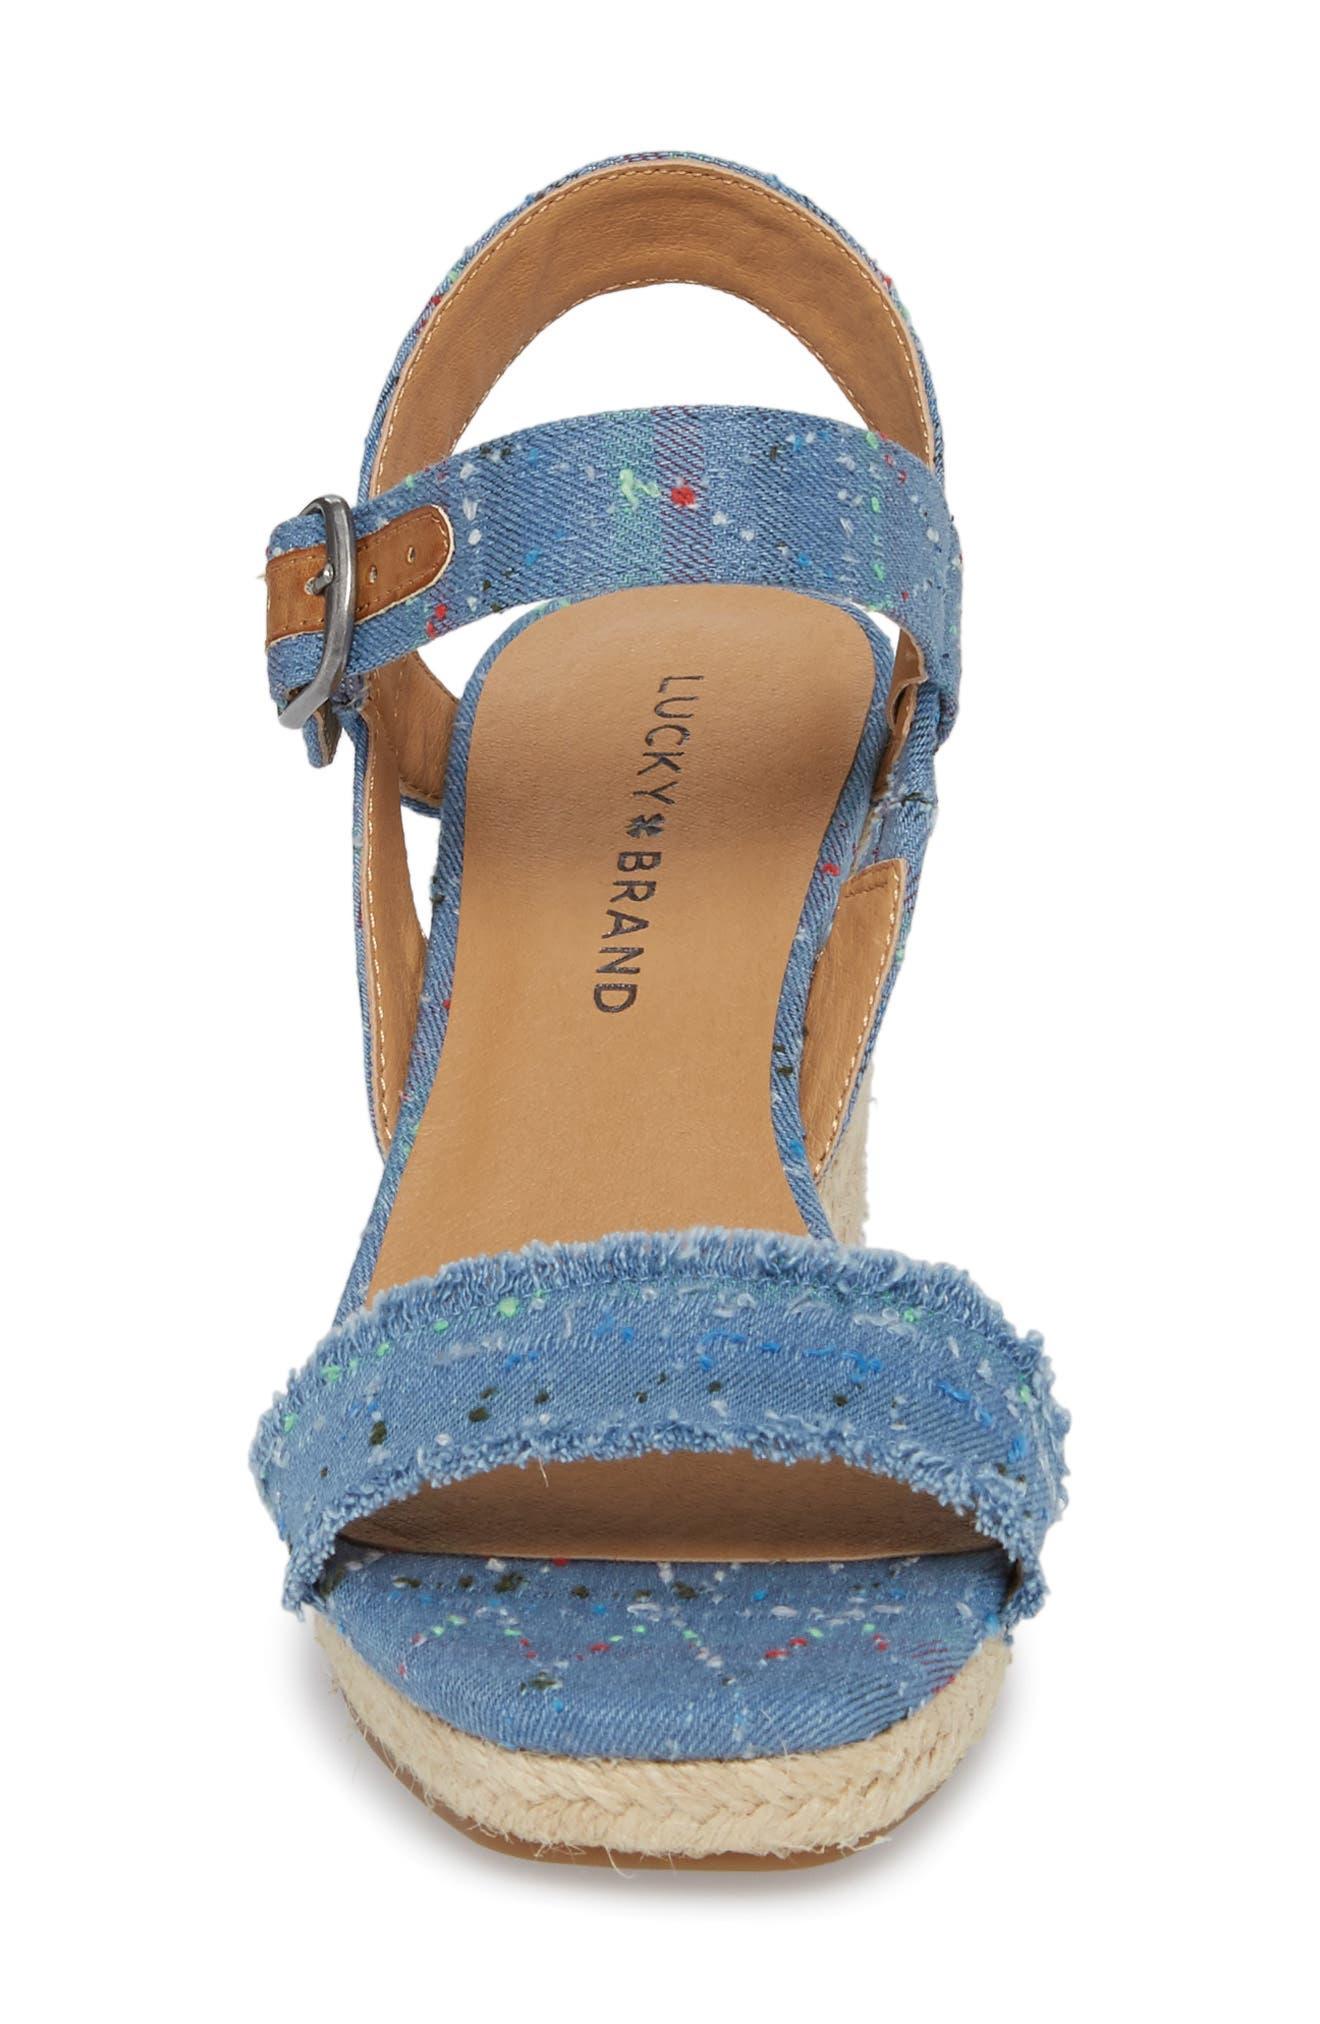 Marceline Squared Toe Wedge Sandal,                             Alternate thumbnail 26, color,